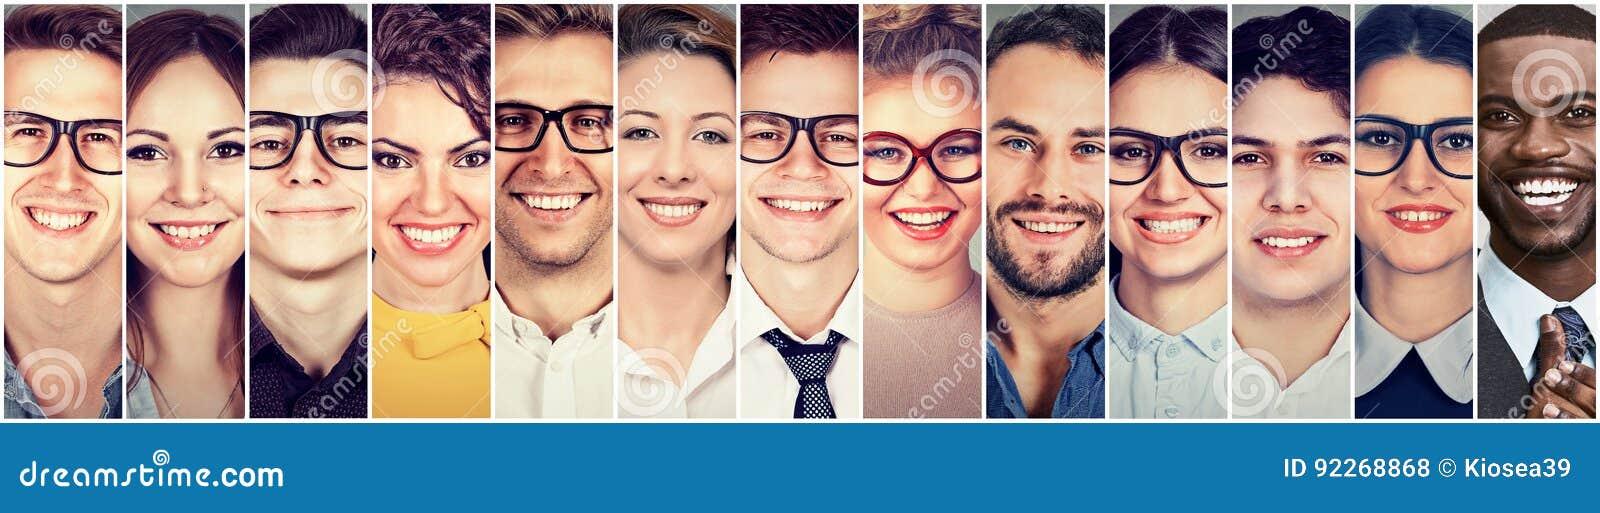 Het glimlachen Gezichten Gelukkige groep multi-etnische jongerenmannen en vrouwen